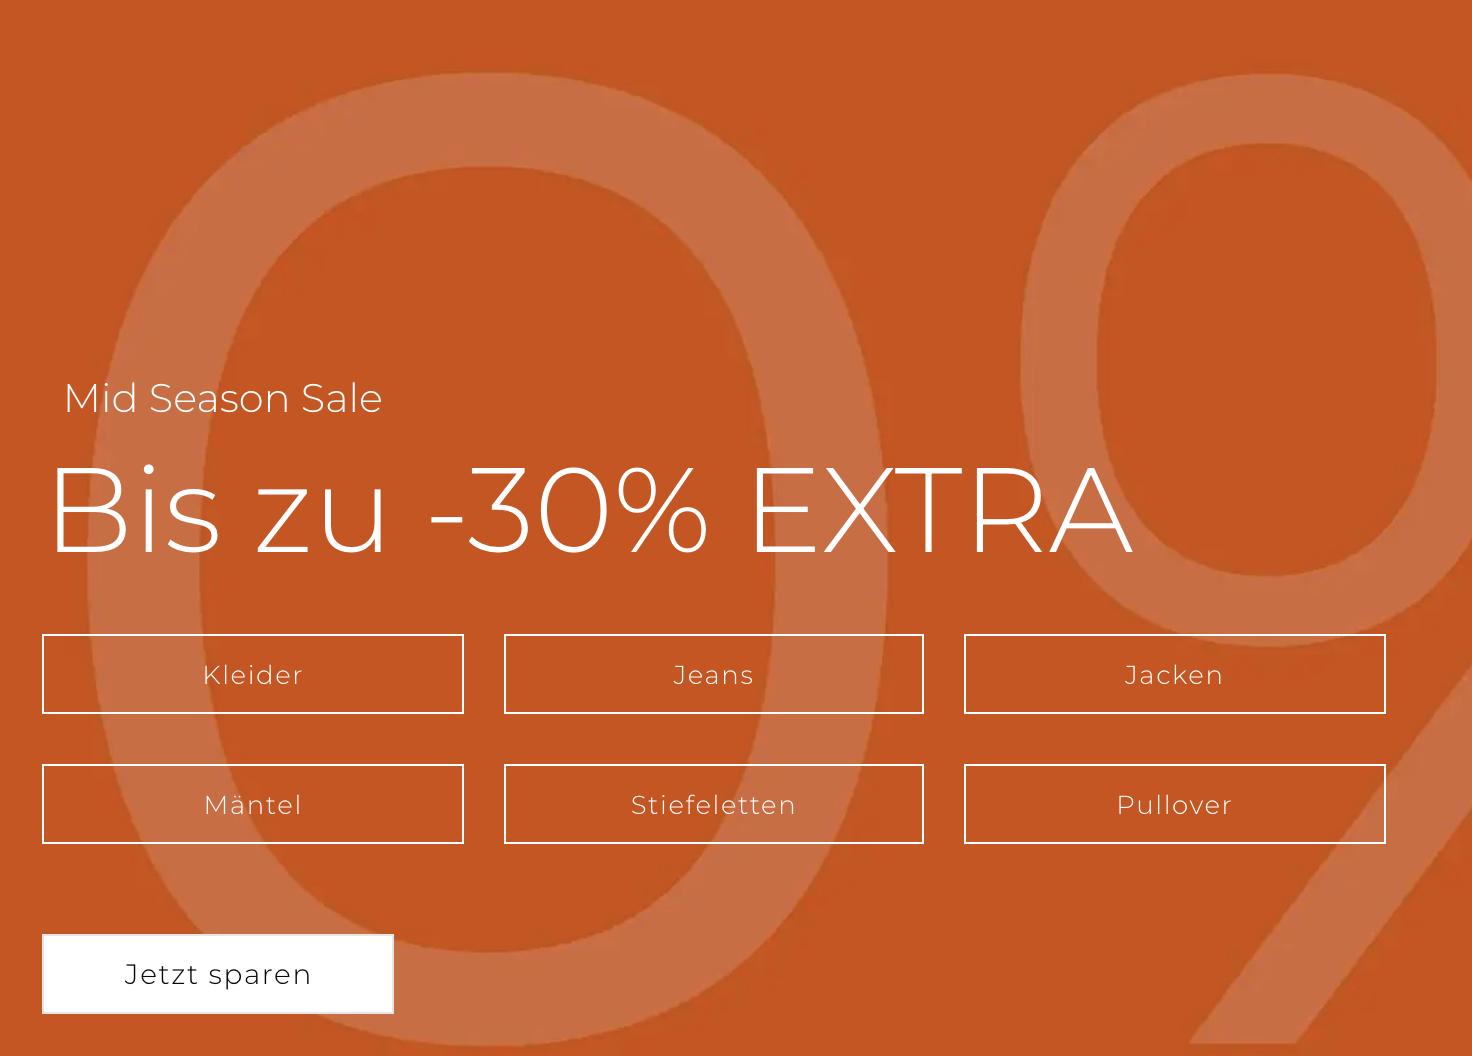 AboutYou: bis zu 30% Extrarabatt auf Mid Season Sale (auch auf reduzierte Ware)